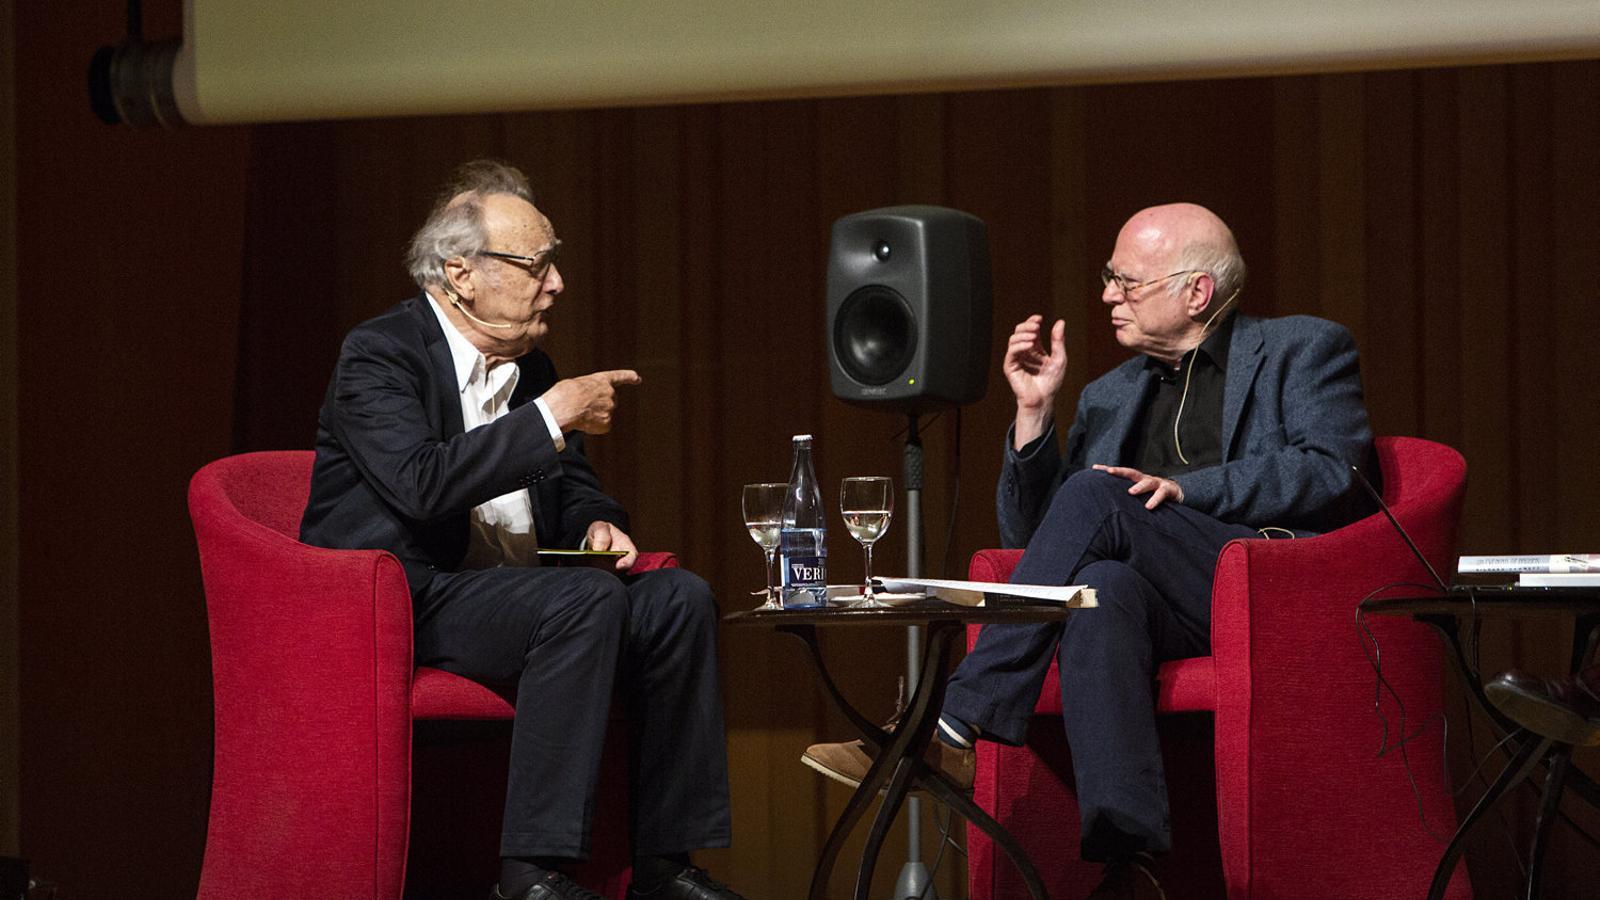 Alfred Brendel, a l'esquerra de la imatge,  i Richard Sennett, a la dreta, en el debat sobre música  i convivència  al Palau  de la Música.